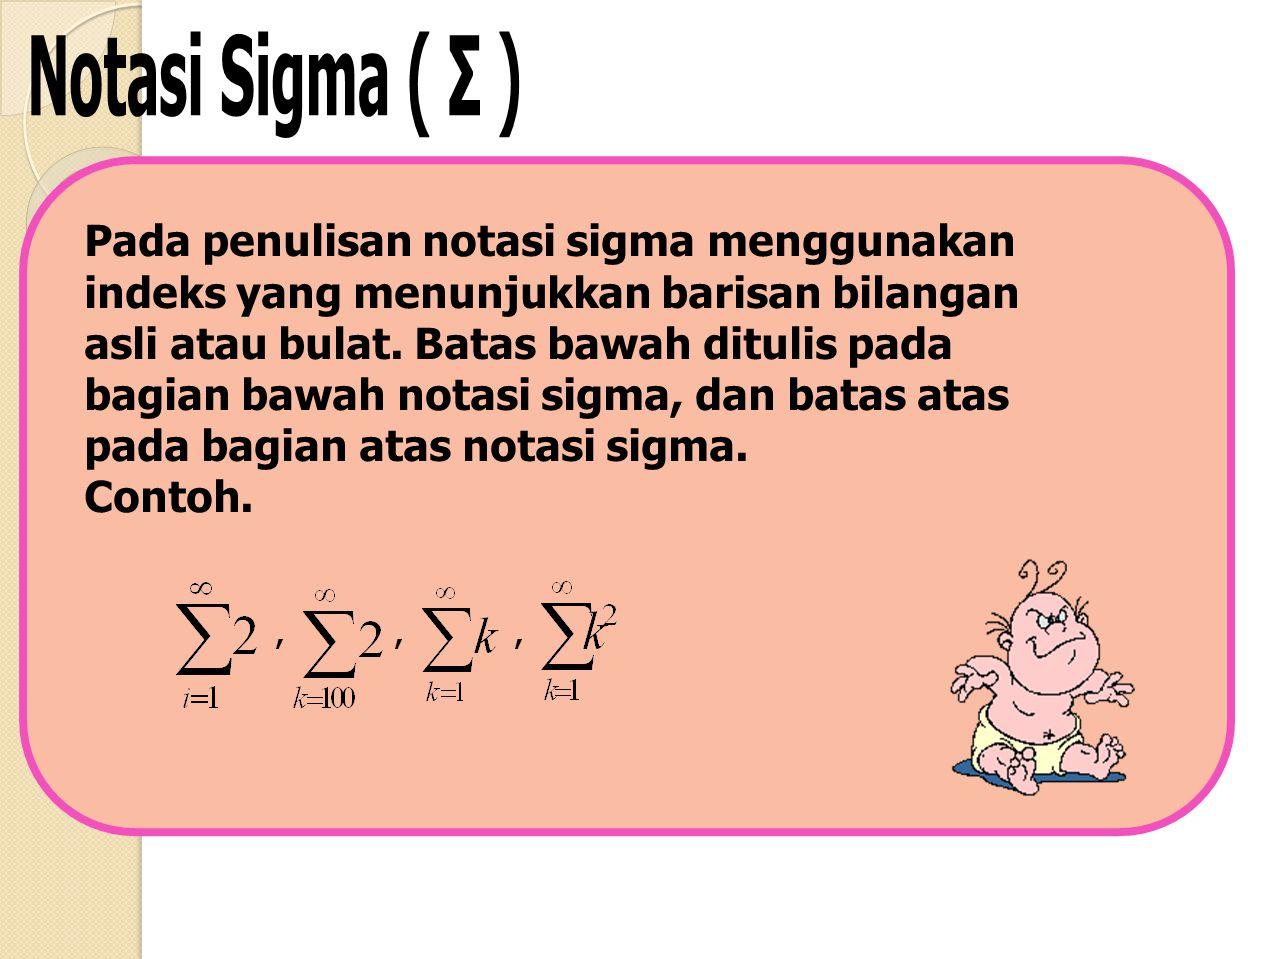 Pada penulisan notasi sigma menggunakan indeks yang menunjukkan barisan bilangan asli atau bulat. Batas bawah ditulis pada bagian bawah notasi sigma,